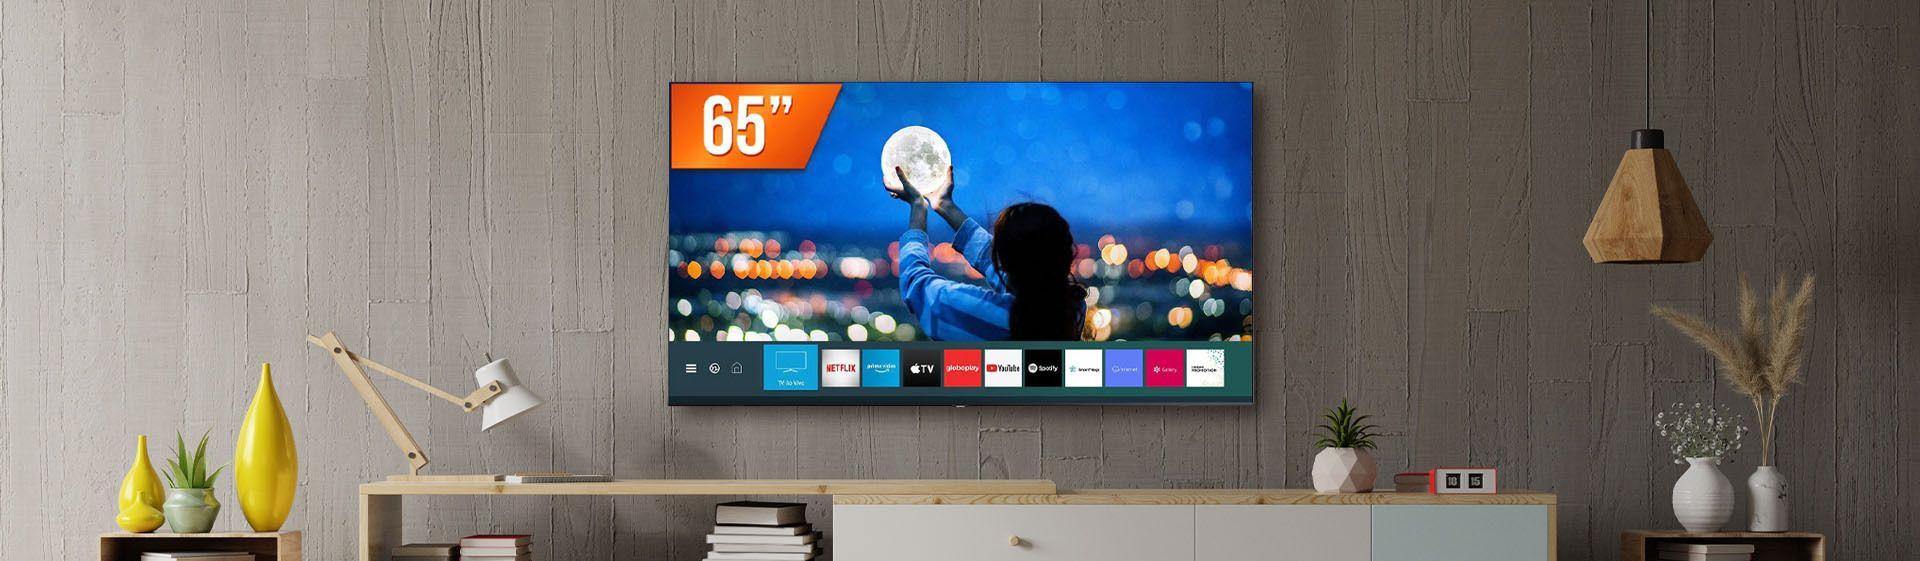 Samsung LH65BETHVGGXZD: análise da ficha técnica da Smart TV de 65 polegadas